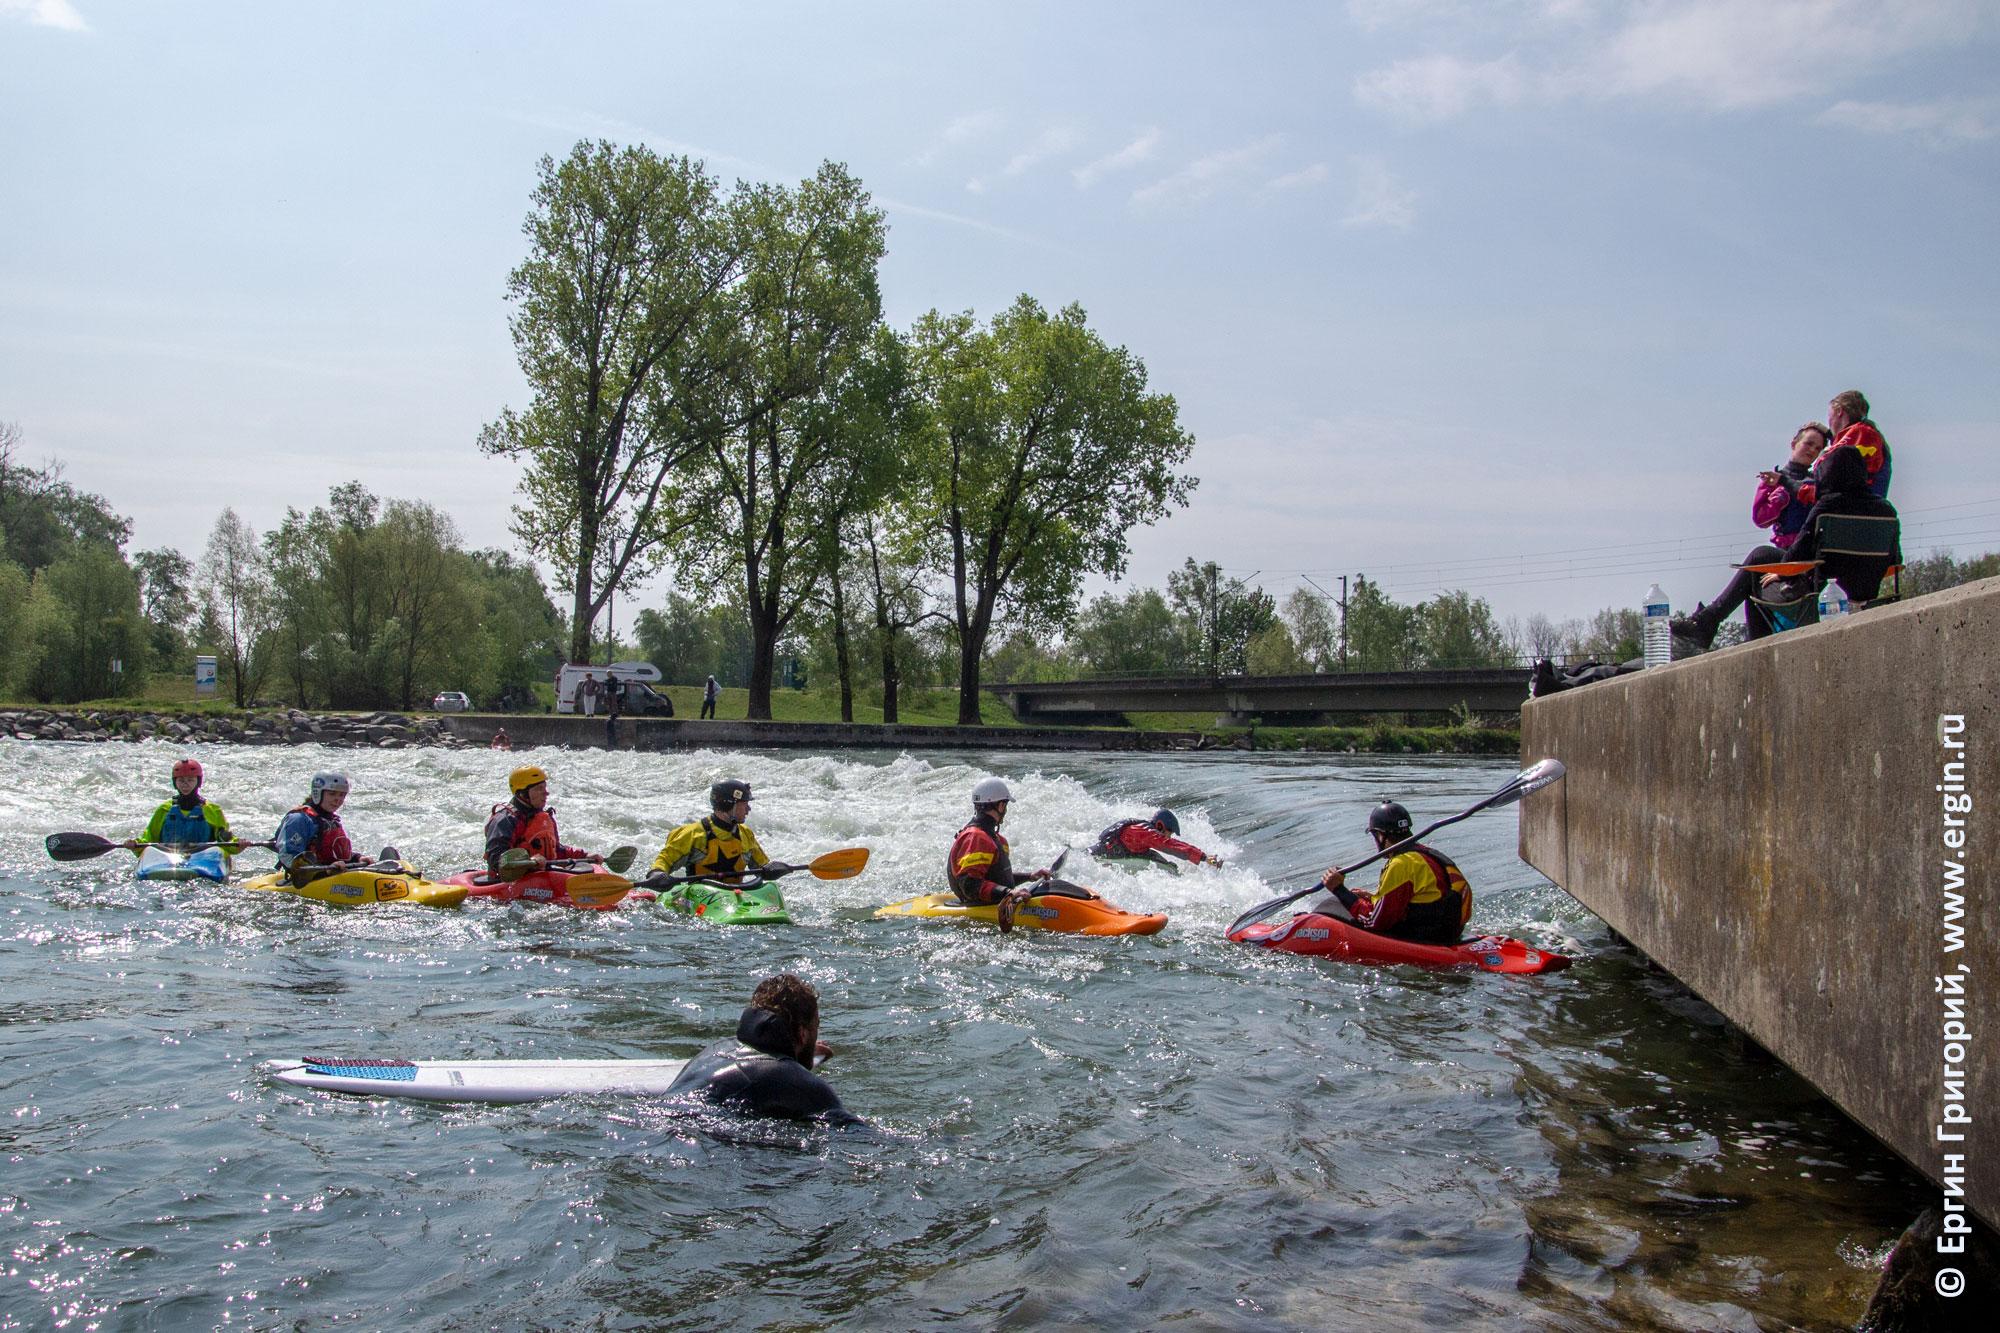 Plattling плейспот в Германии городке Платтлинг фристайл на бурной воде